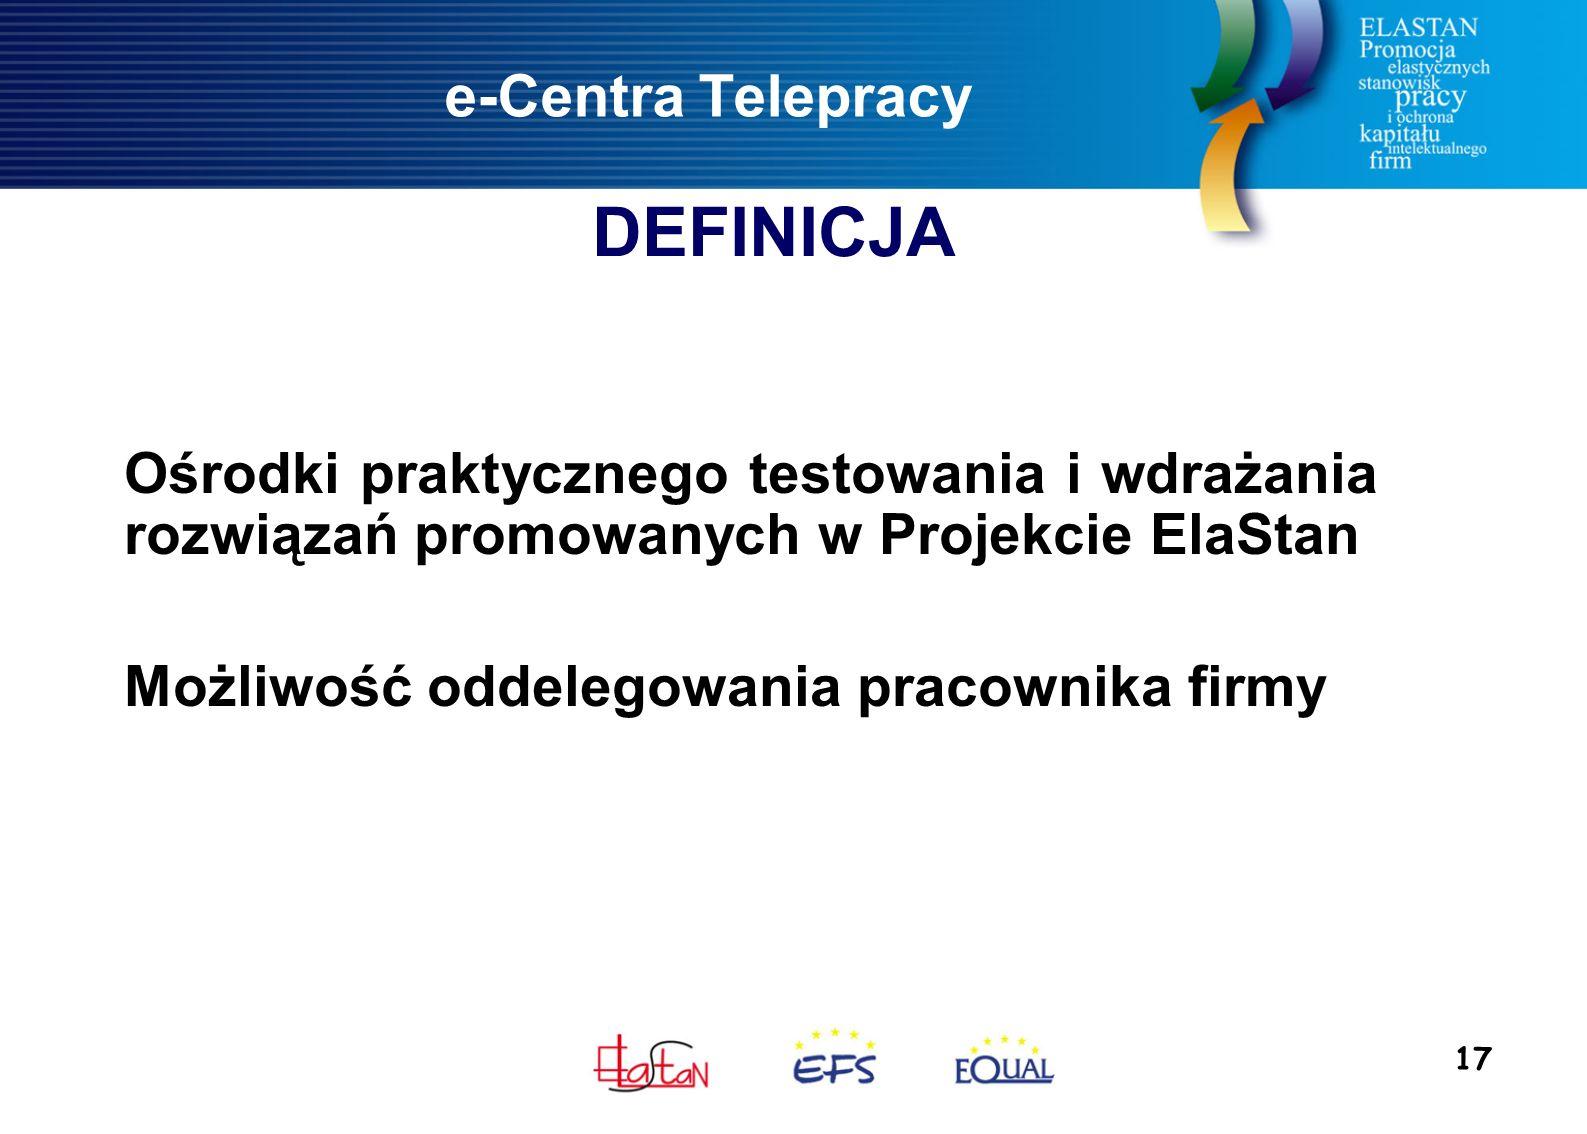 17 e-Centra Telepracy Ośrodki praktycznego testowania i wdrażania rozwiązań promowanych w Projekcie ElaStan Możliwość oddelegowania pracownika firmy DEFINICJA